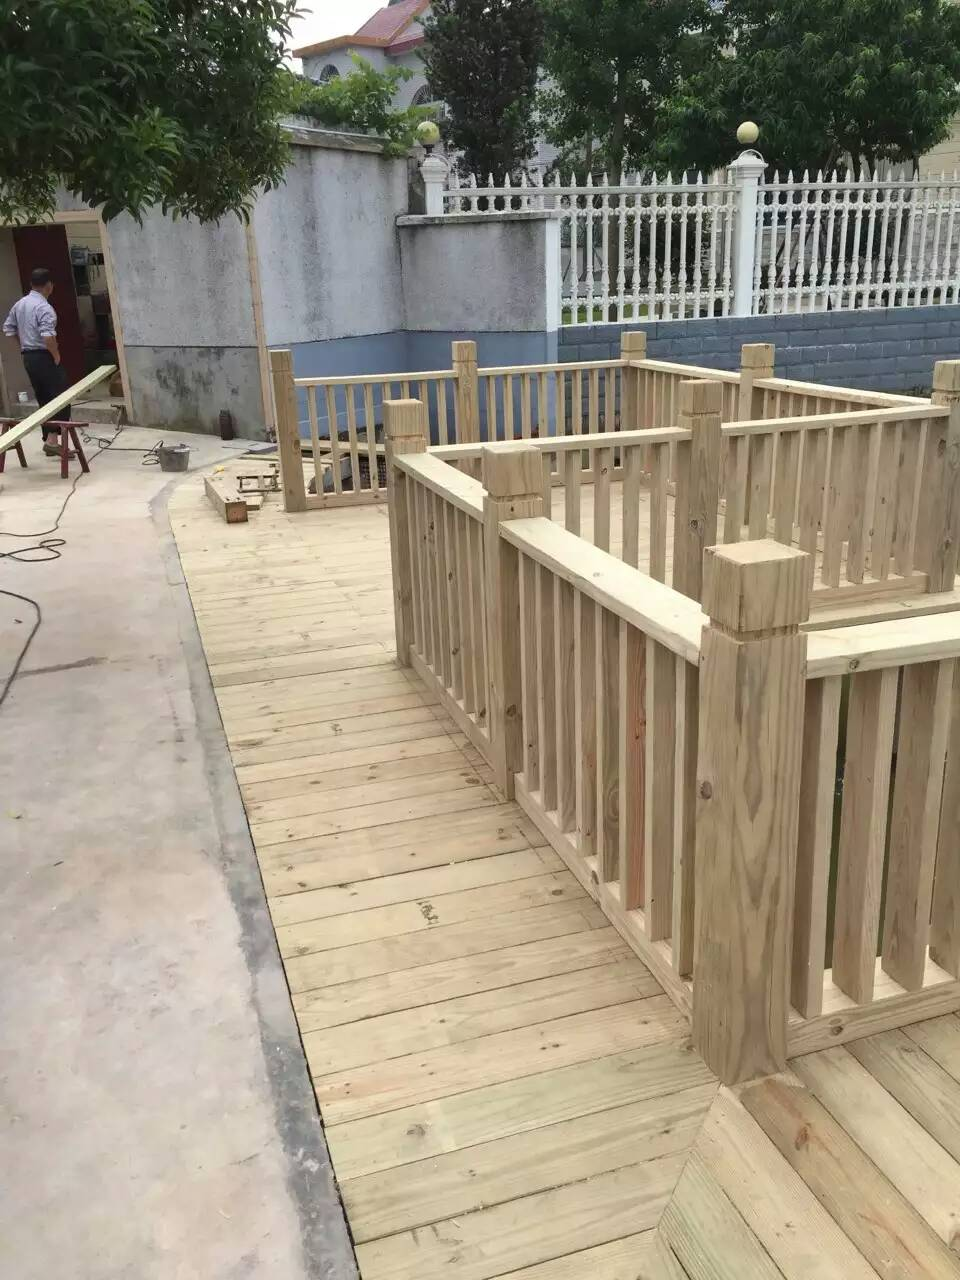 防腐木栏杆|长沙防腐木|湖南防腐木批发|长沙防腐木